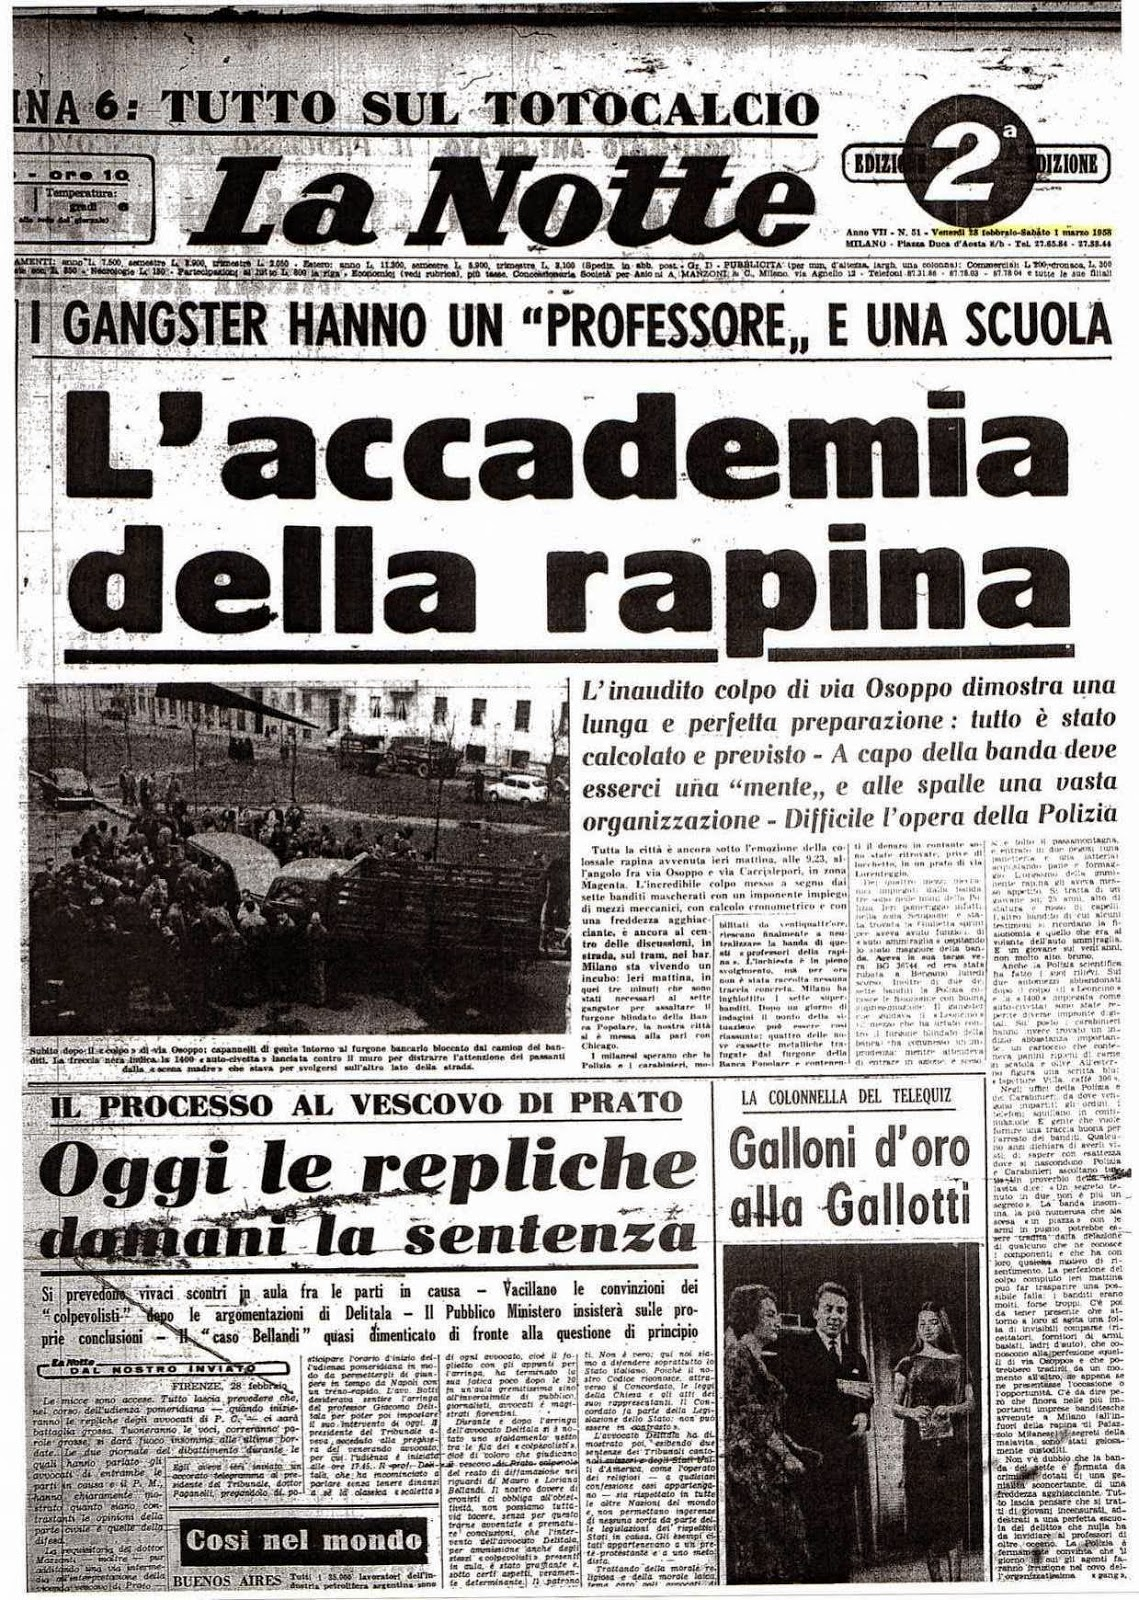 La Notte l'accademia della rapina Osoppo Milano Ciappina De maria